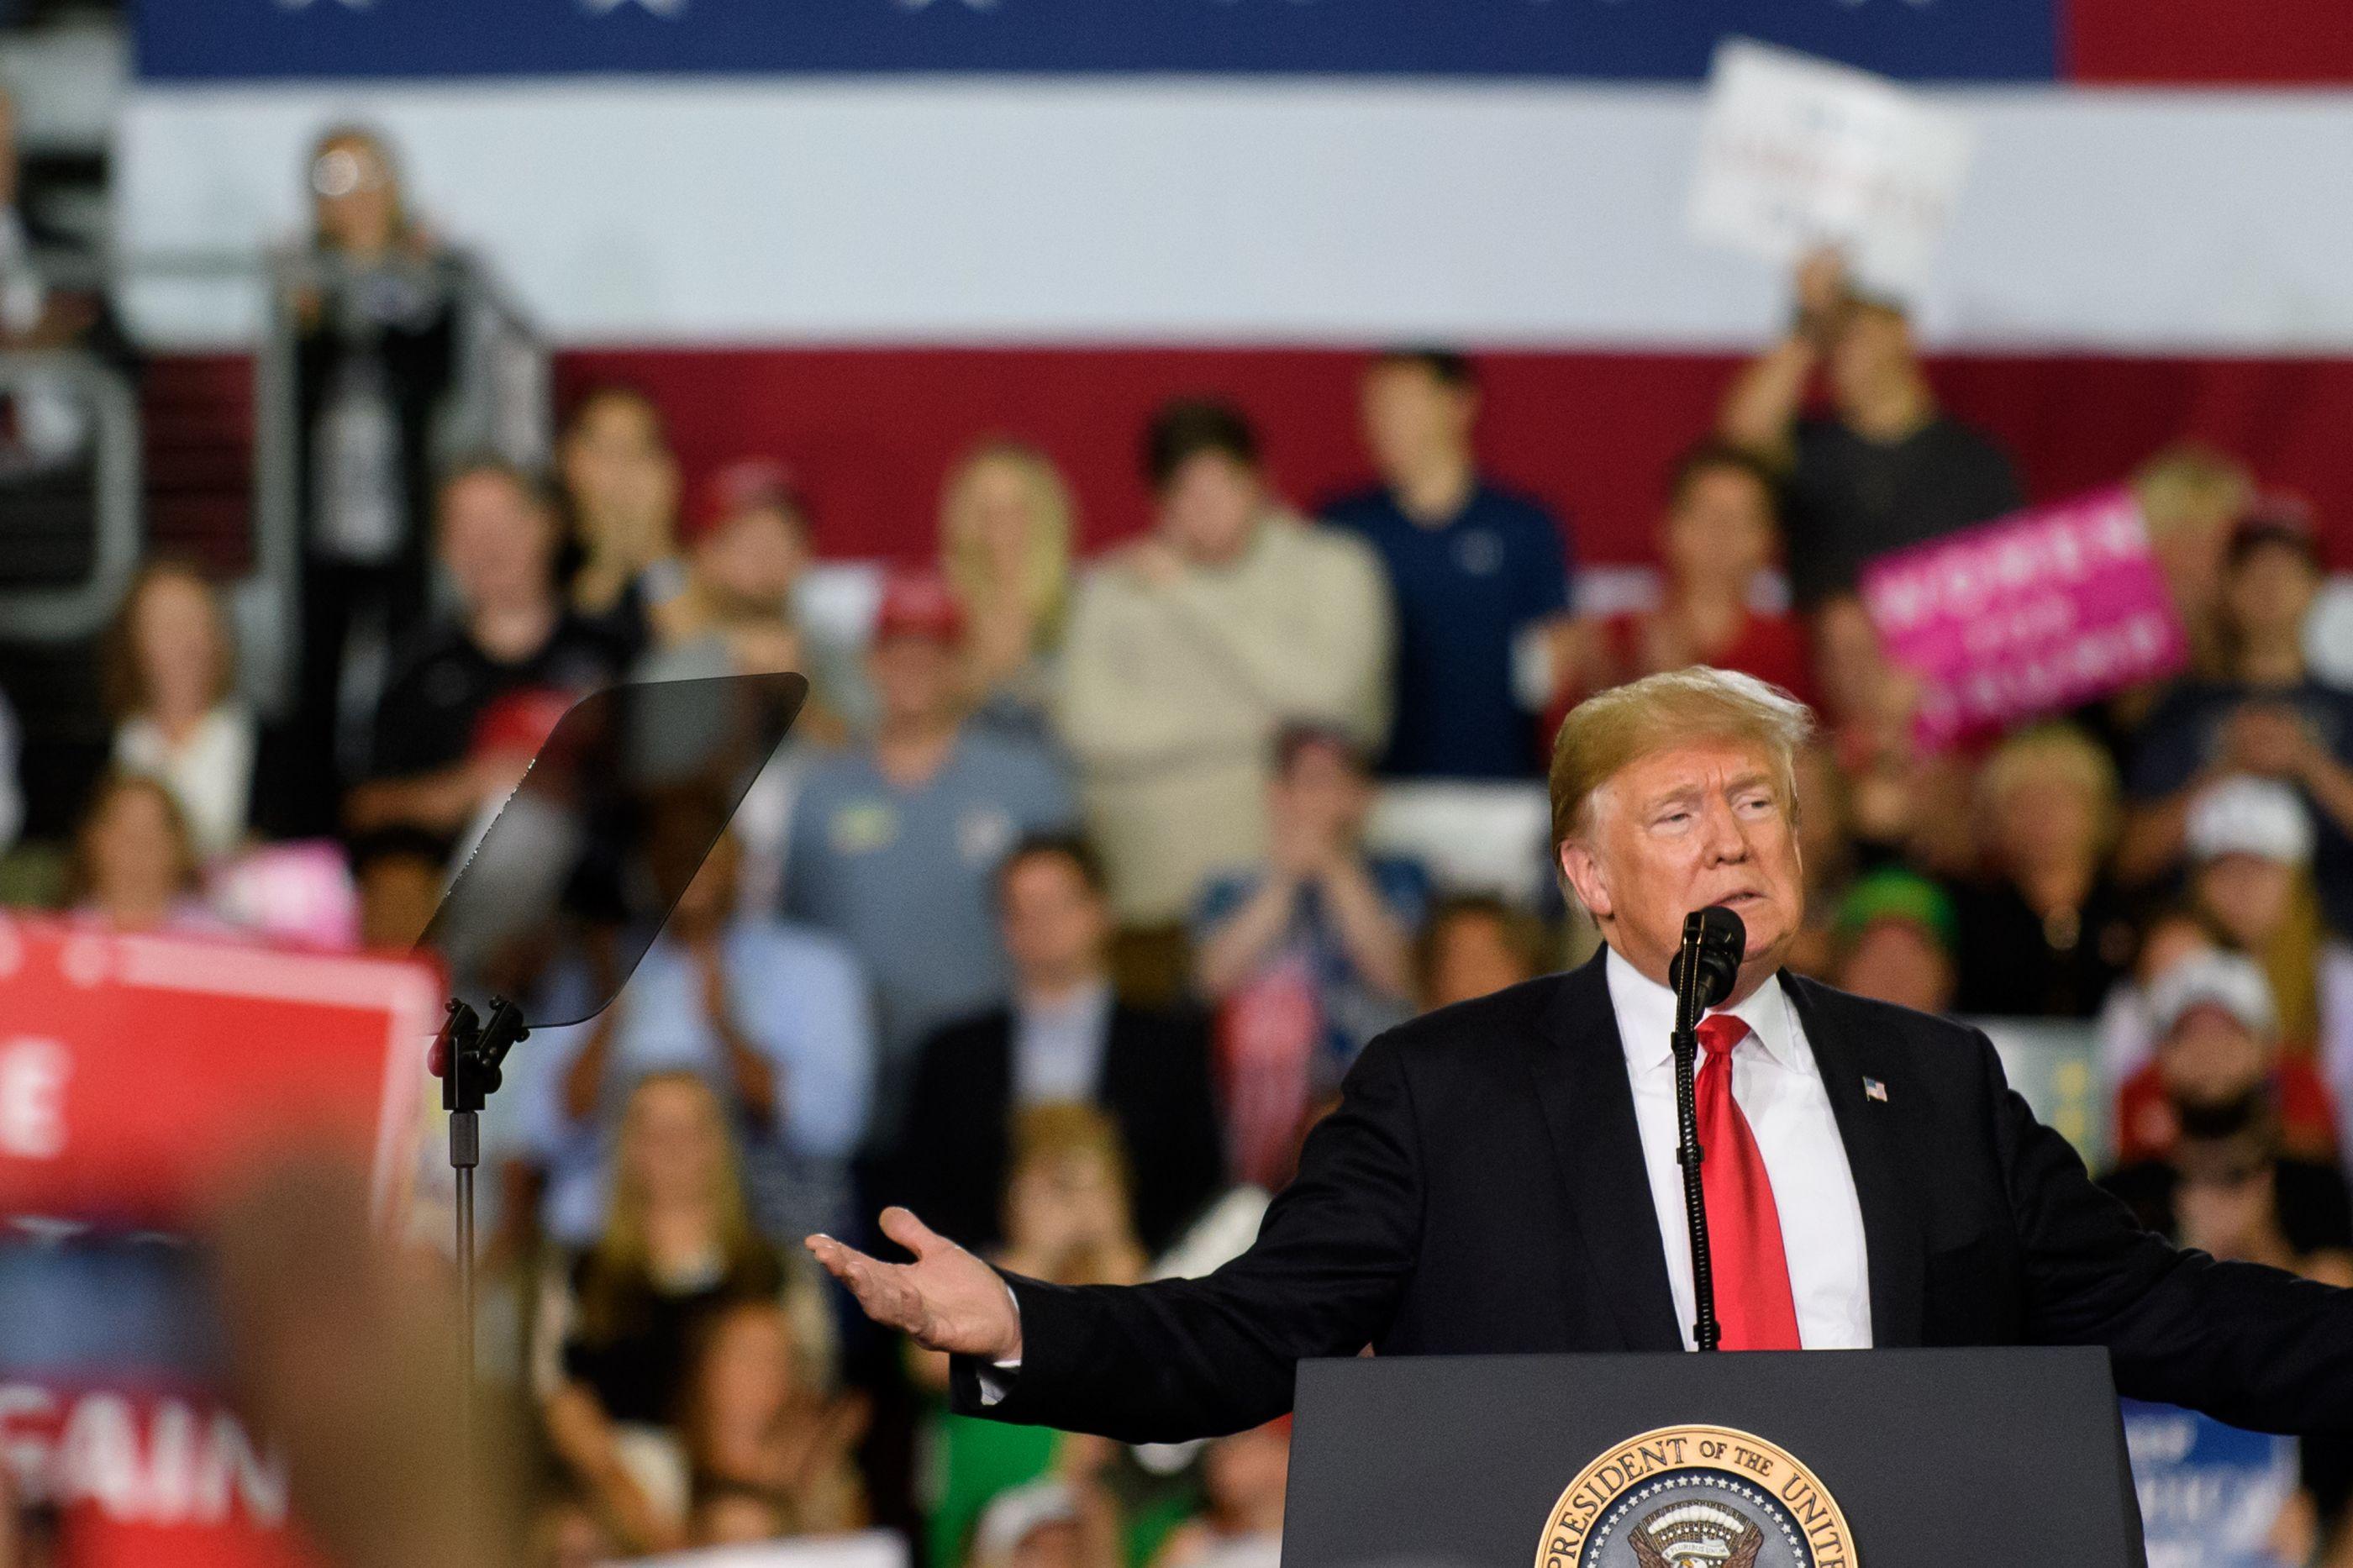 Donald Trump culpa movimento Me Too por não poder falar à vontade